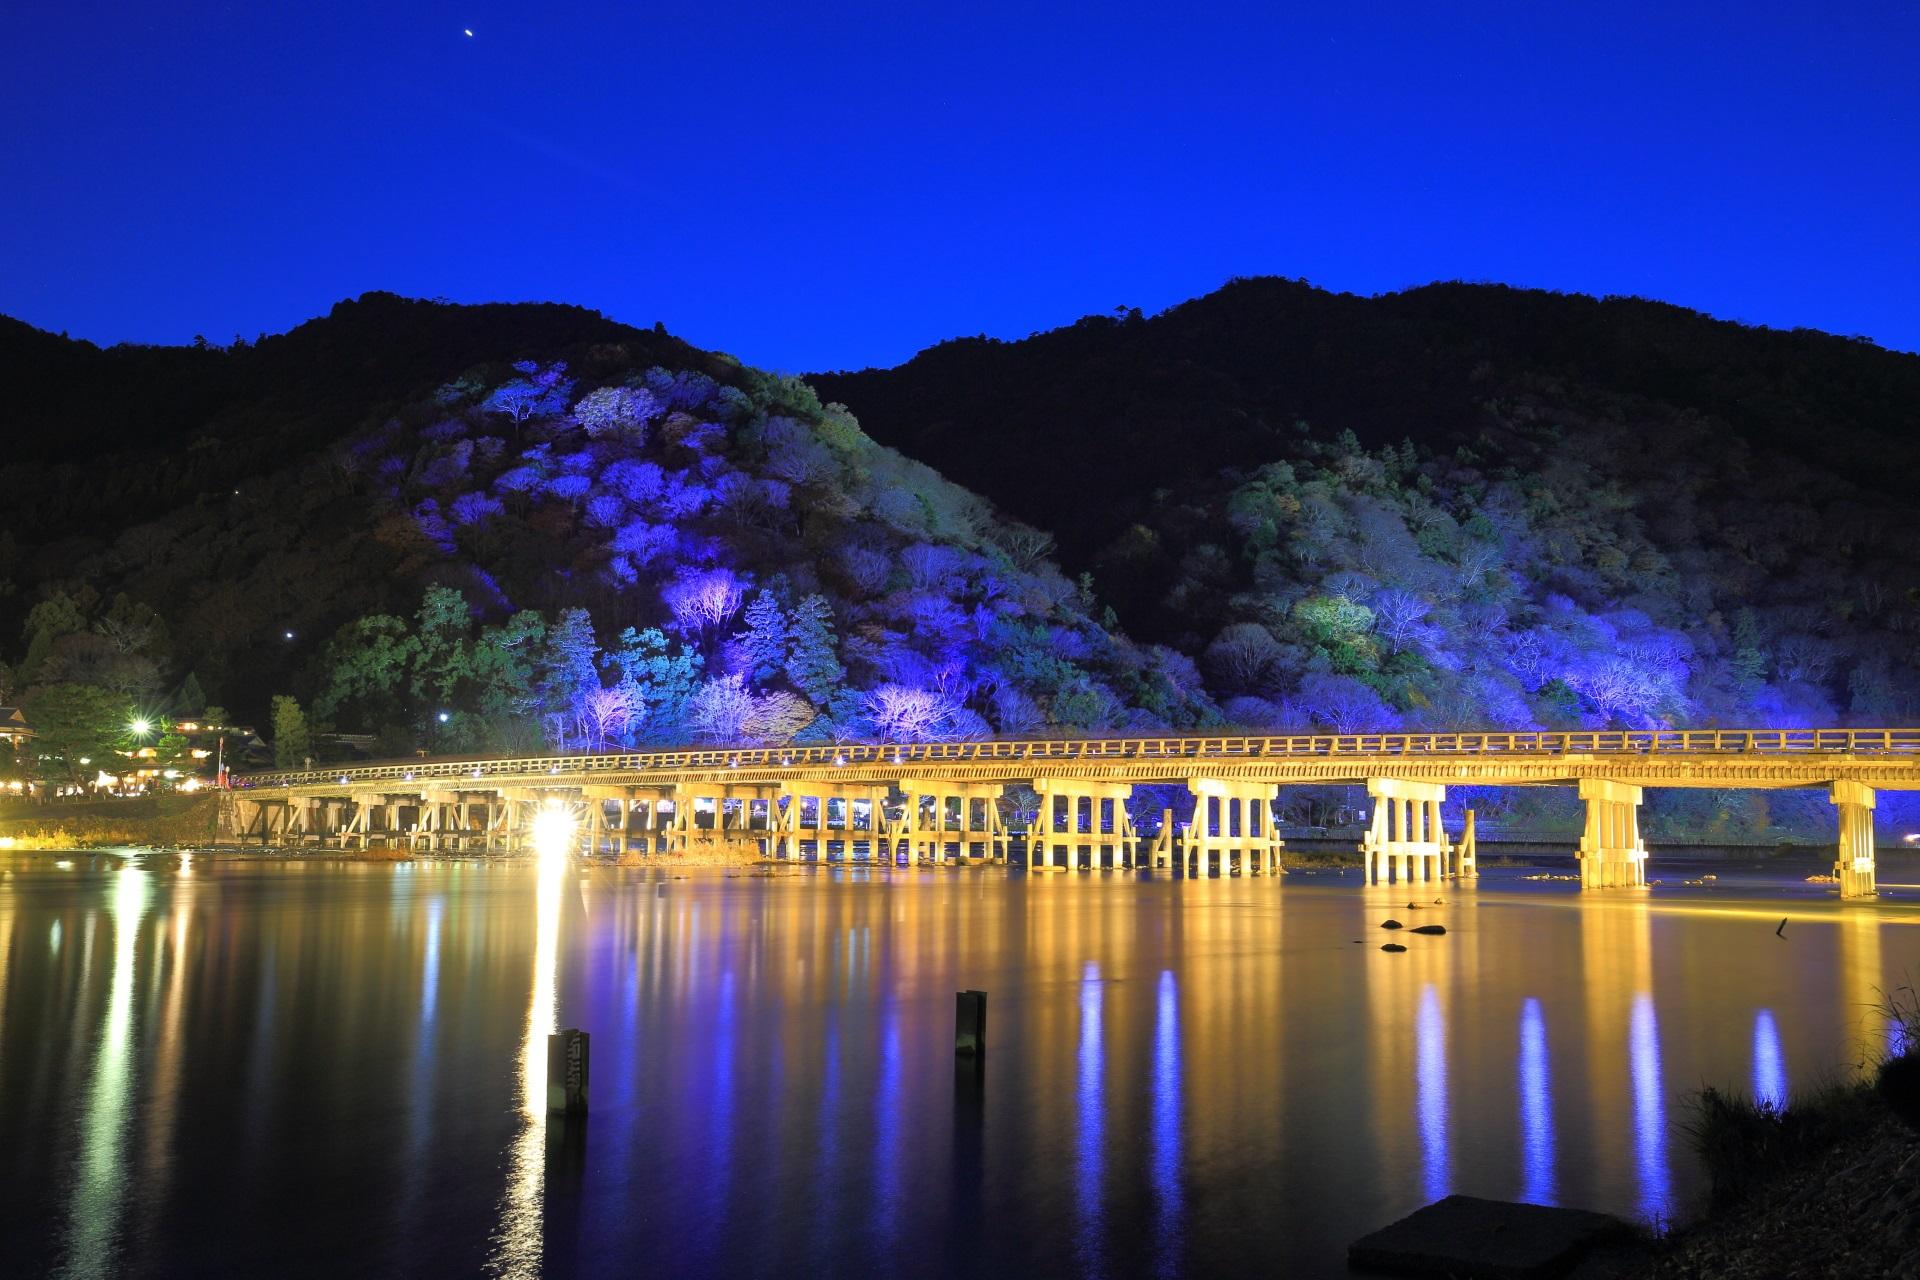 嵐山花灯路 渡月橋と保津川 京都の冬を彩るライトアップ